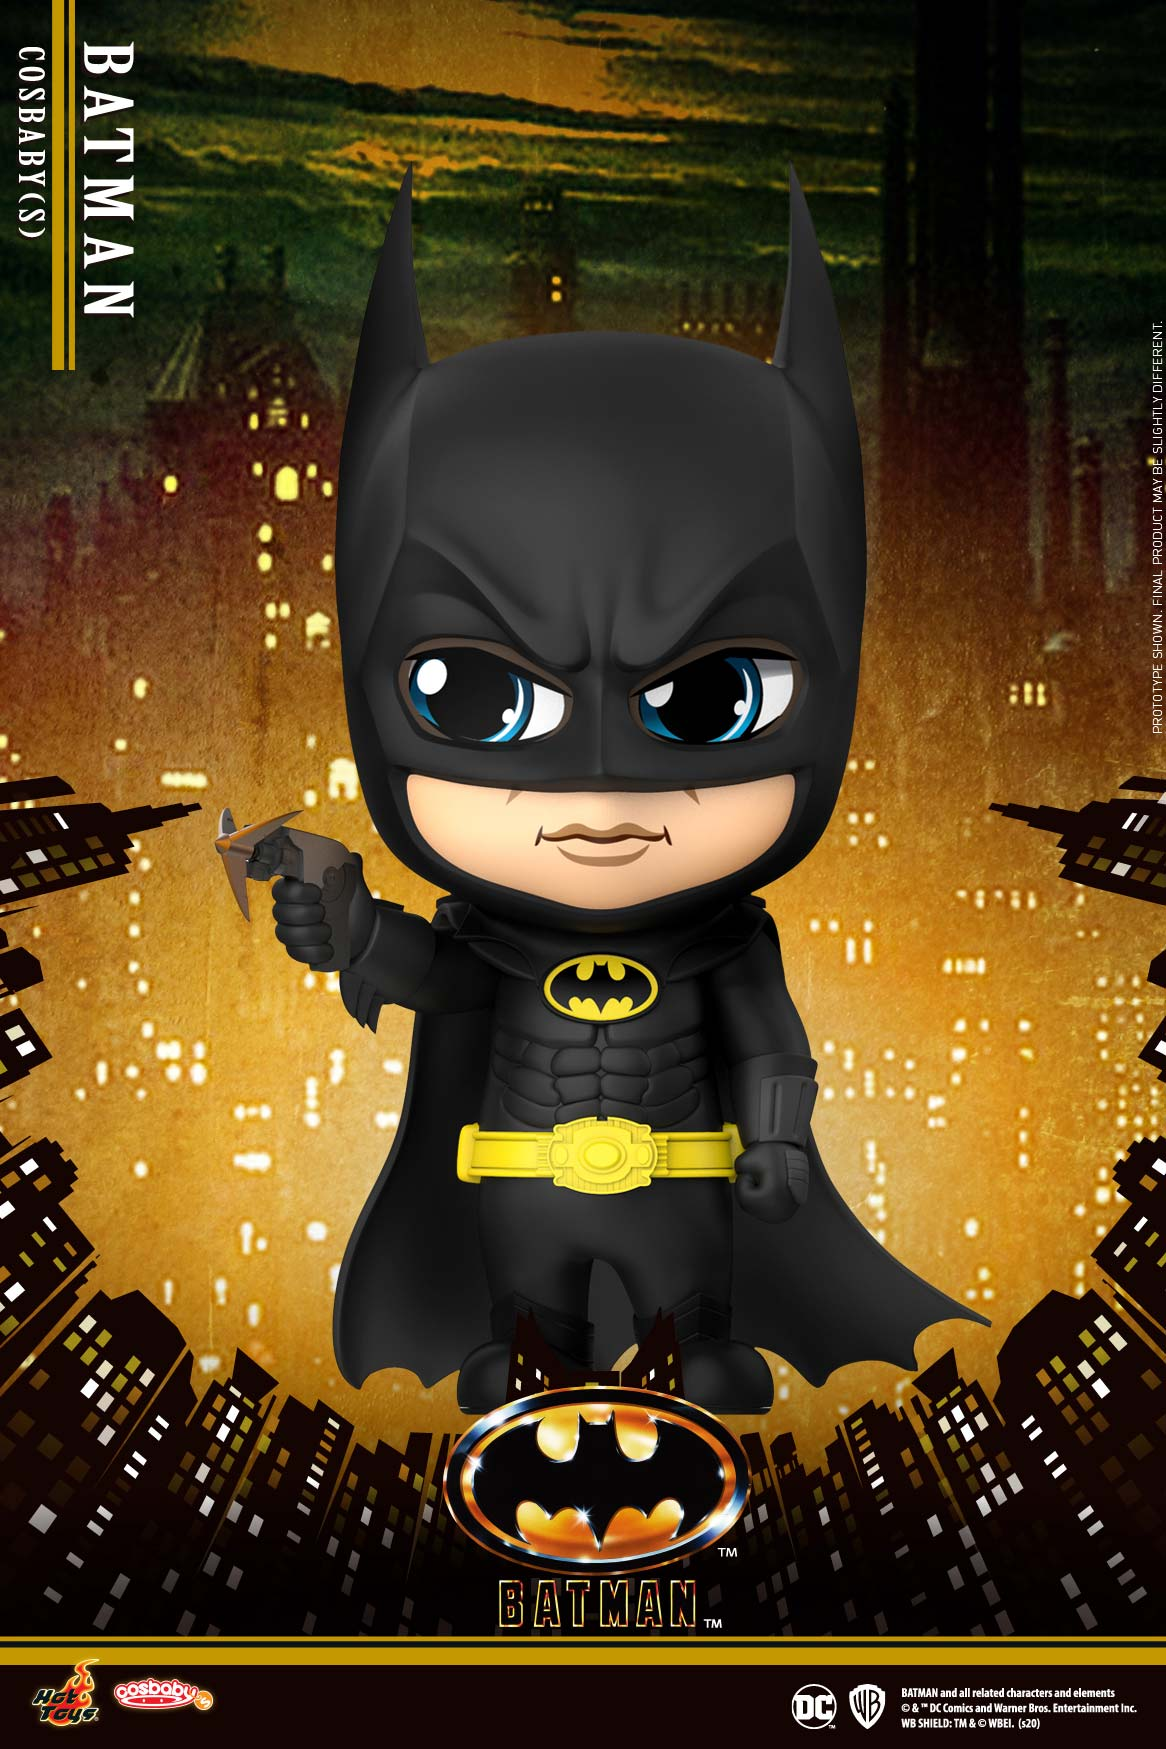 Batman-1989_COSB709_Batman_V01